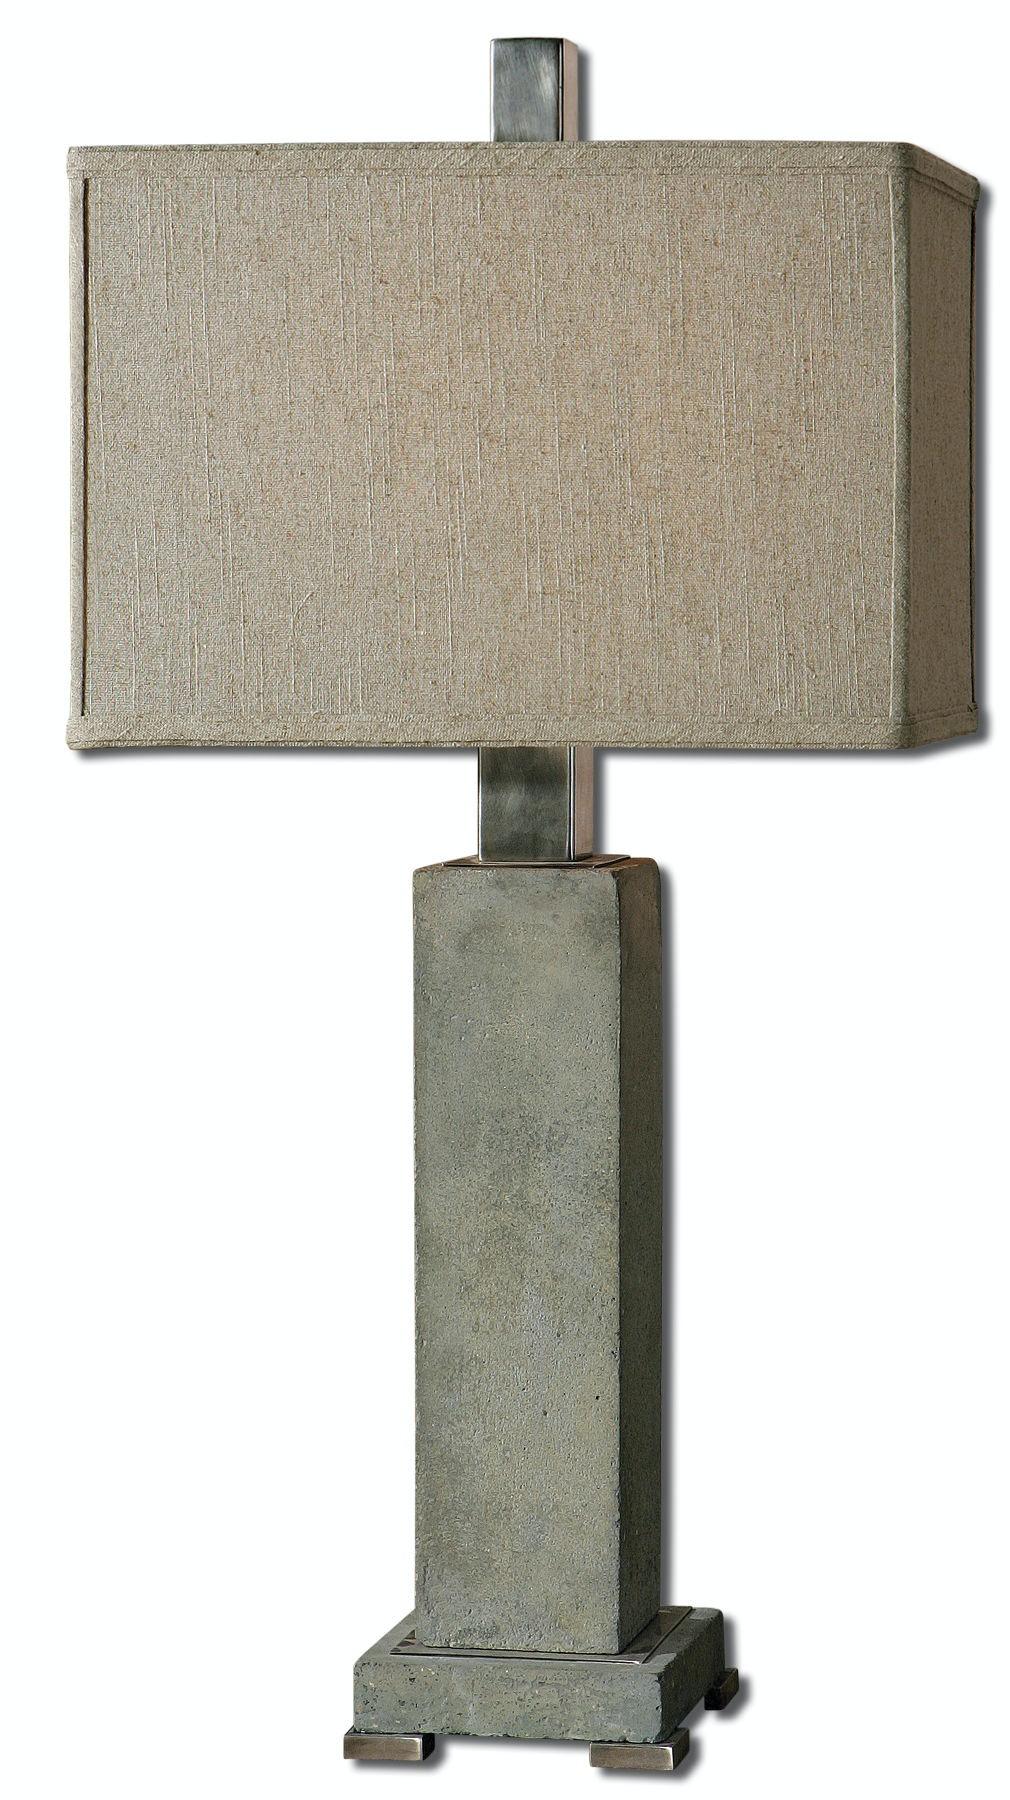 Uttermost Risto Concrete Table Lamp 26543 1